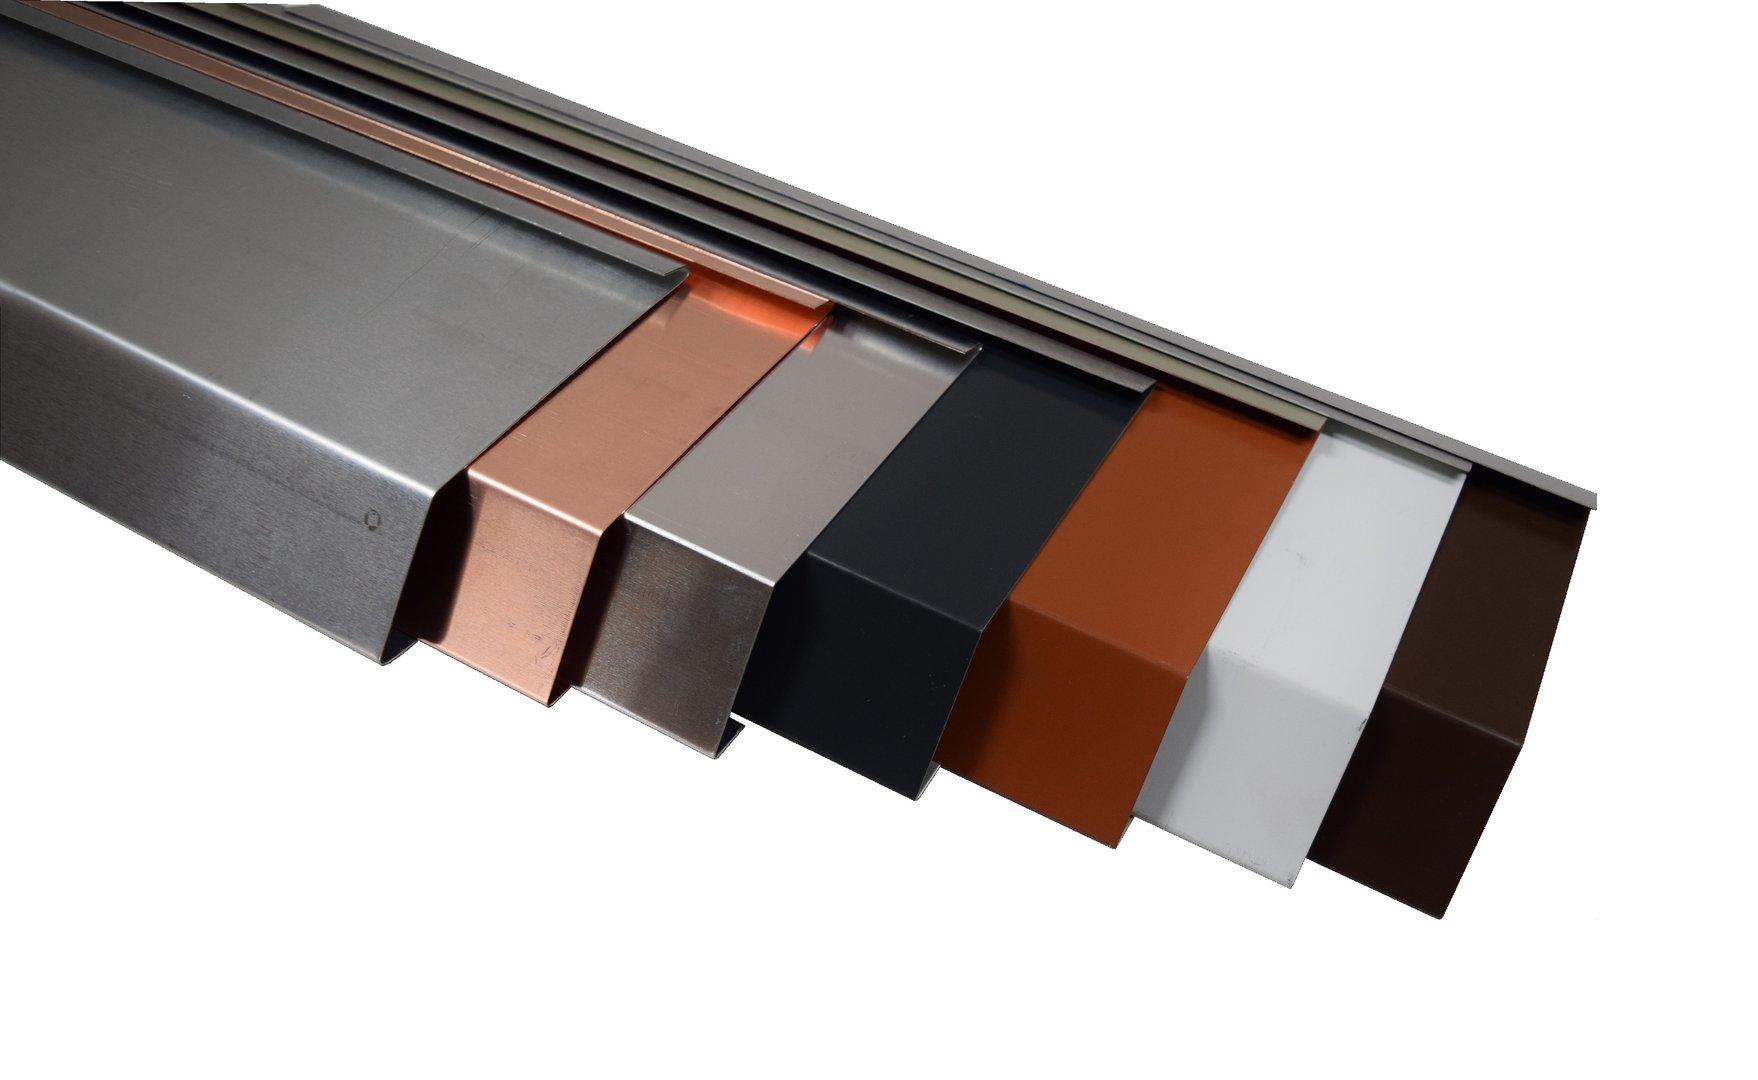 traufblech einhangblech f r dachrinnen regenrinnen metall. Black Bedroom Furniture Sets. Home Design Ideas